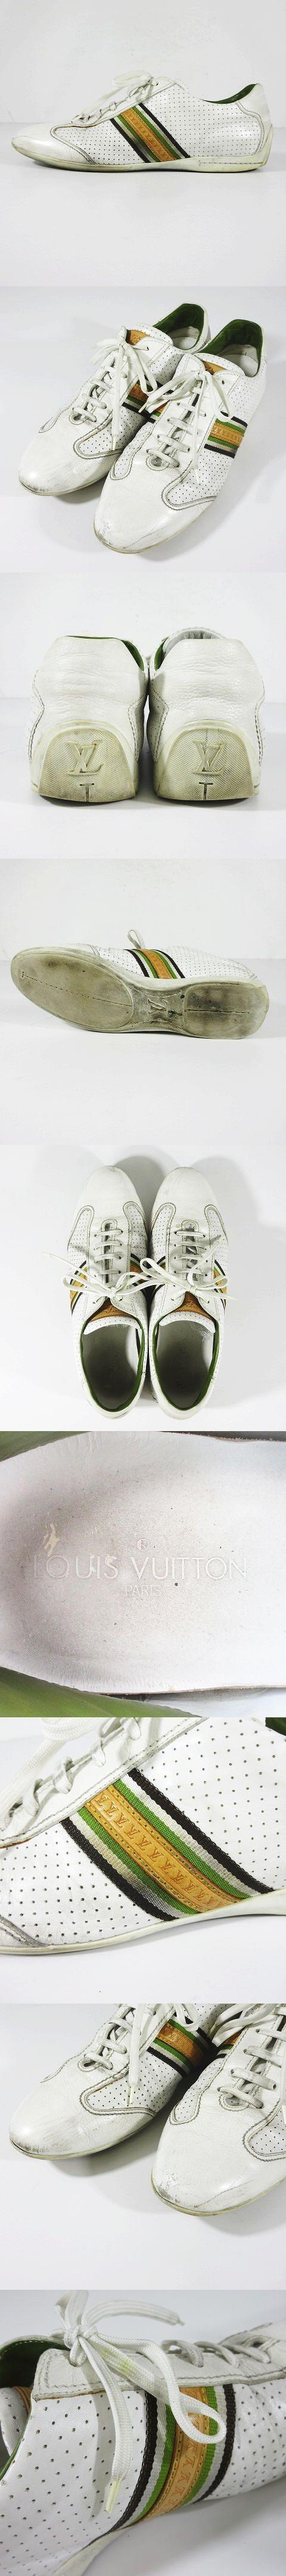 パンチング レザー スニーカー シューズ LVロゴ ライン 靴 サイズ8.5 ホワイト 白 △A